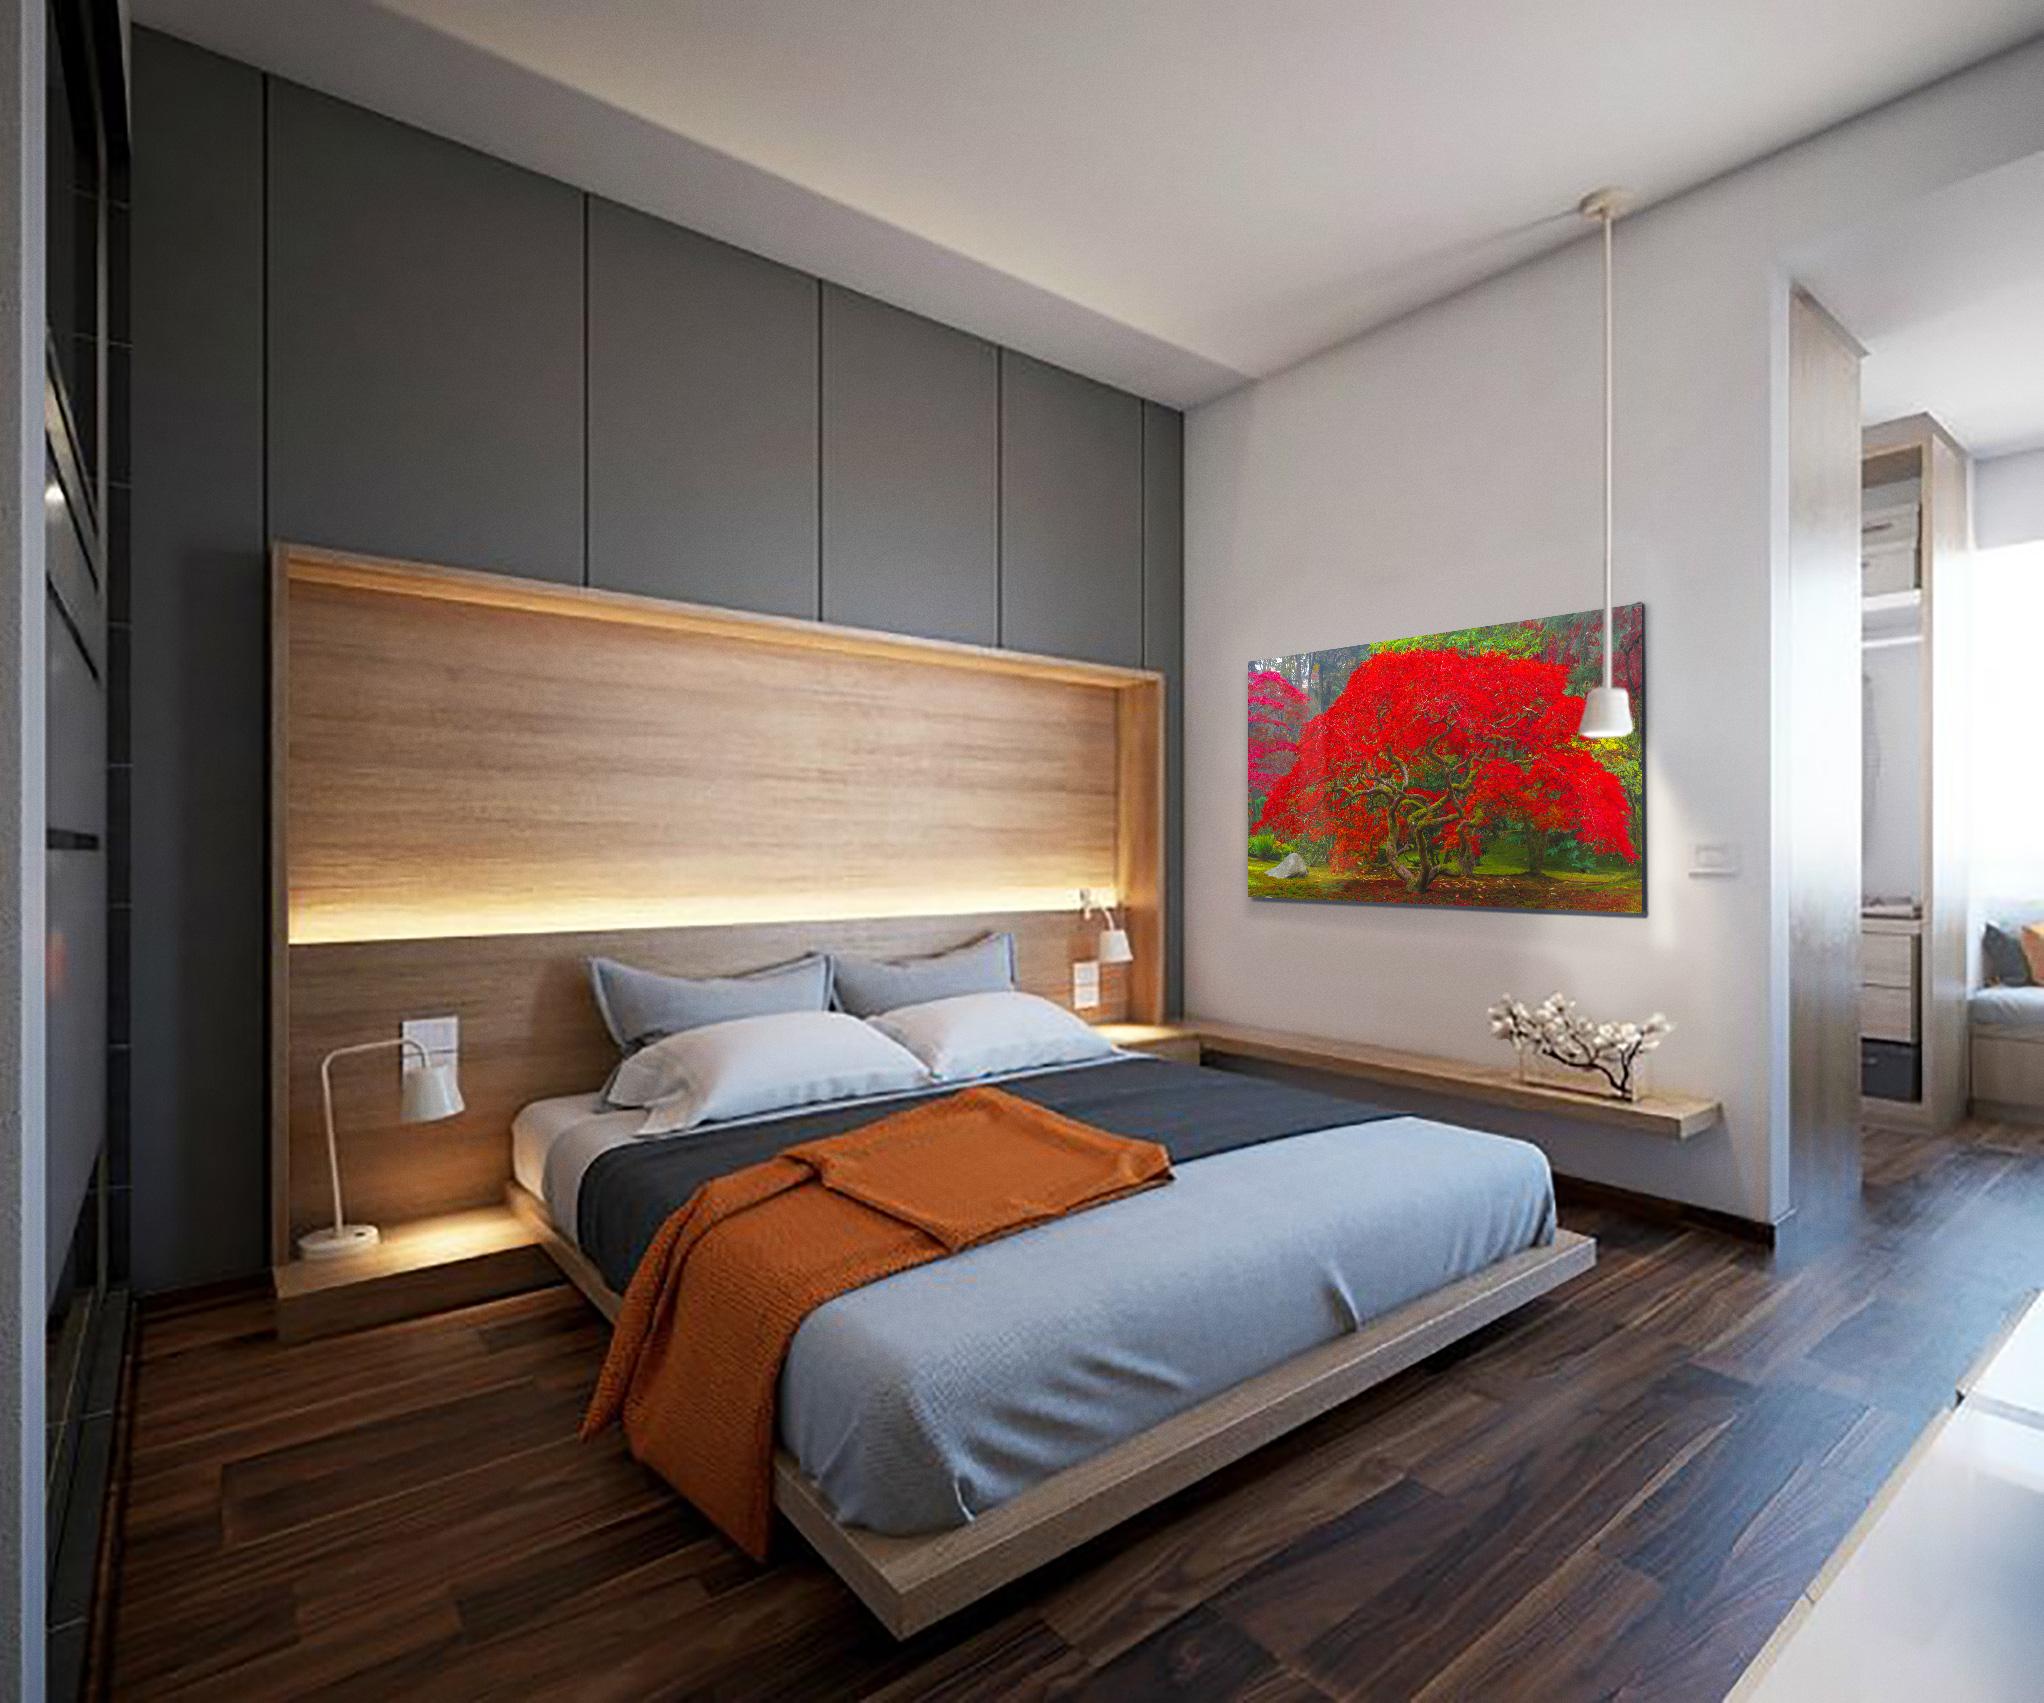 Avendasora-in-home-II.jpg